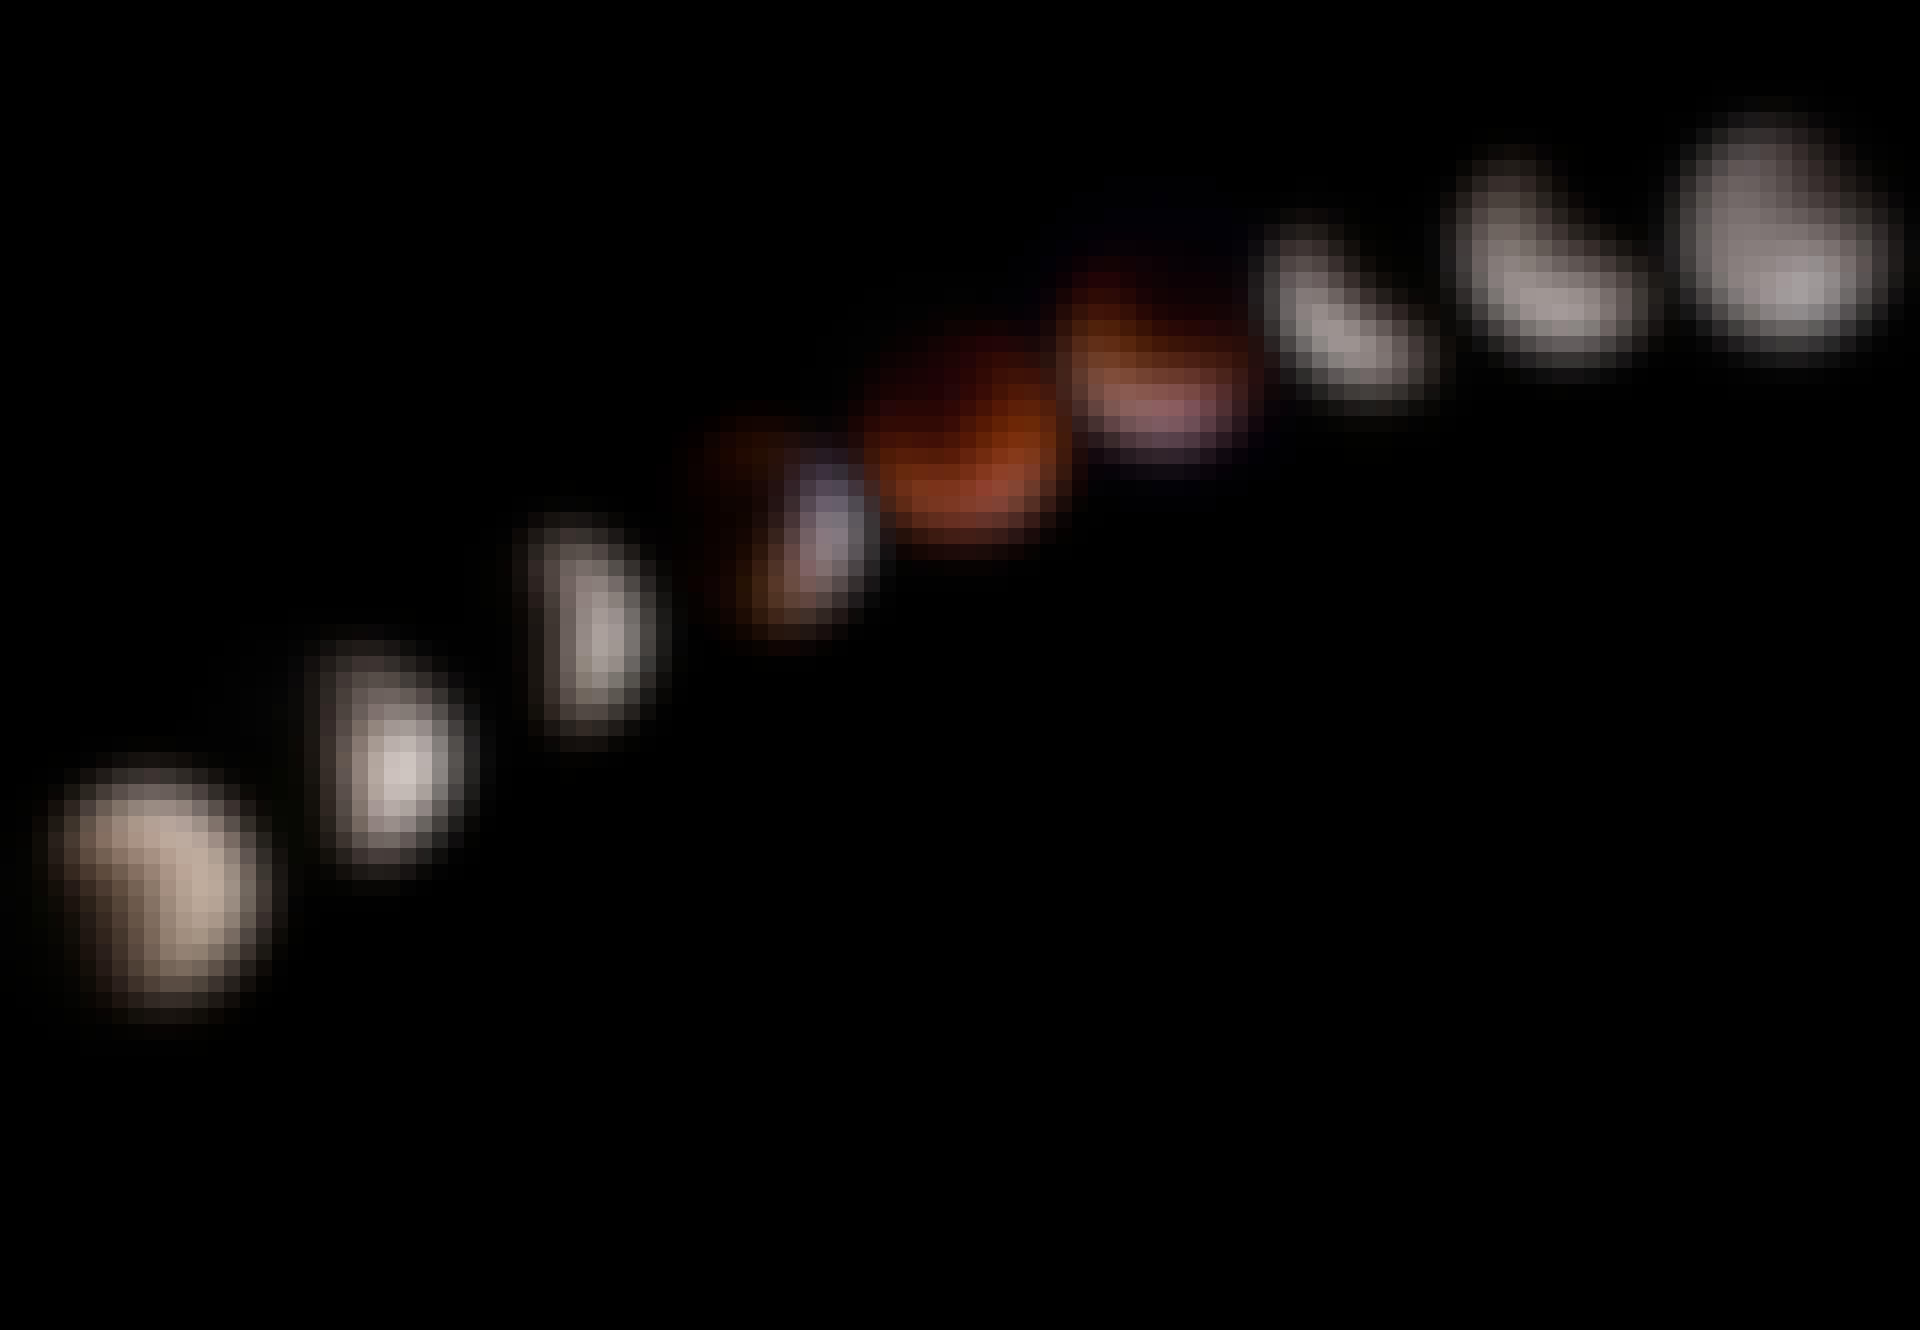 Total måneformørkelse laver en blodmåne.